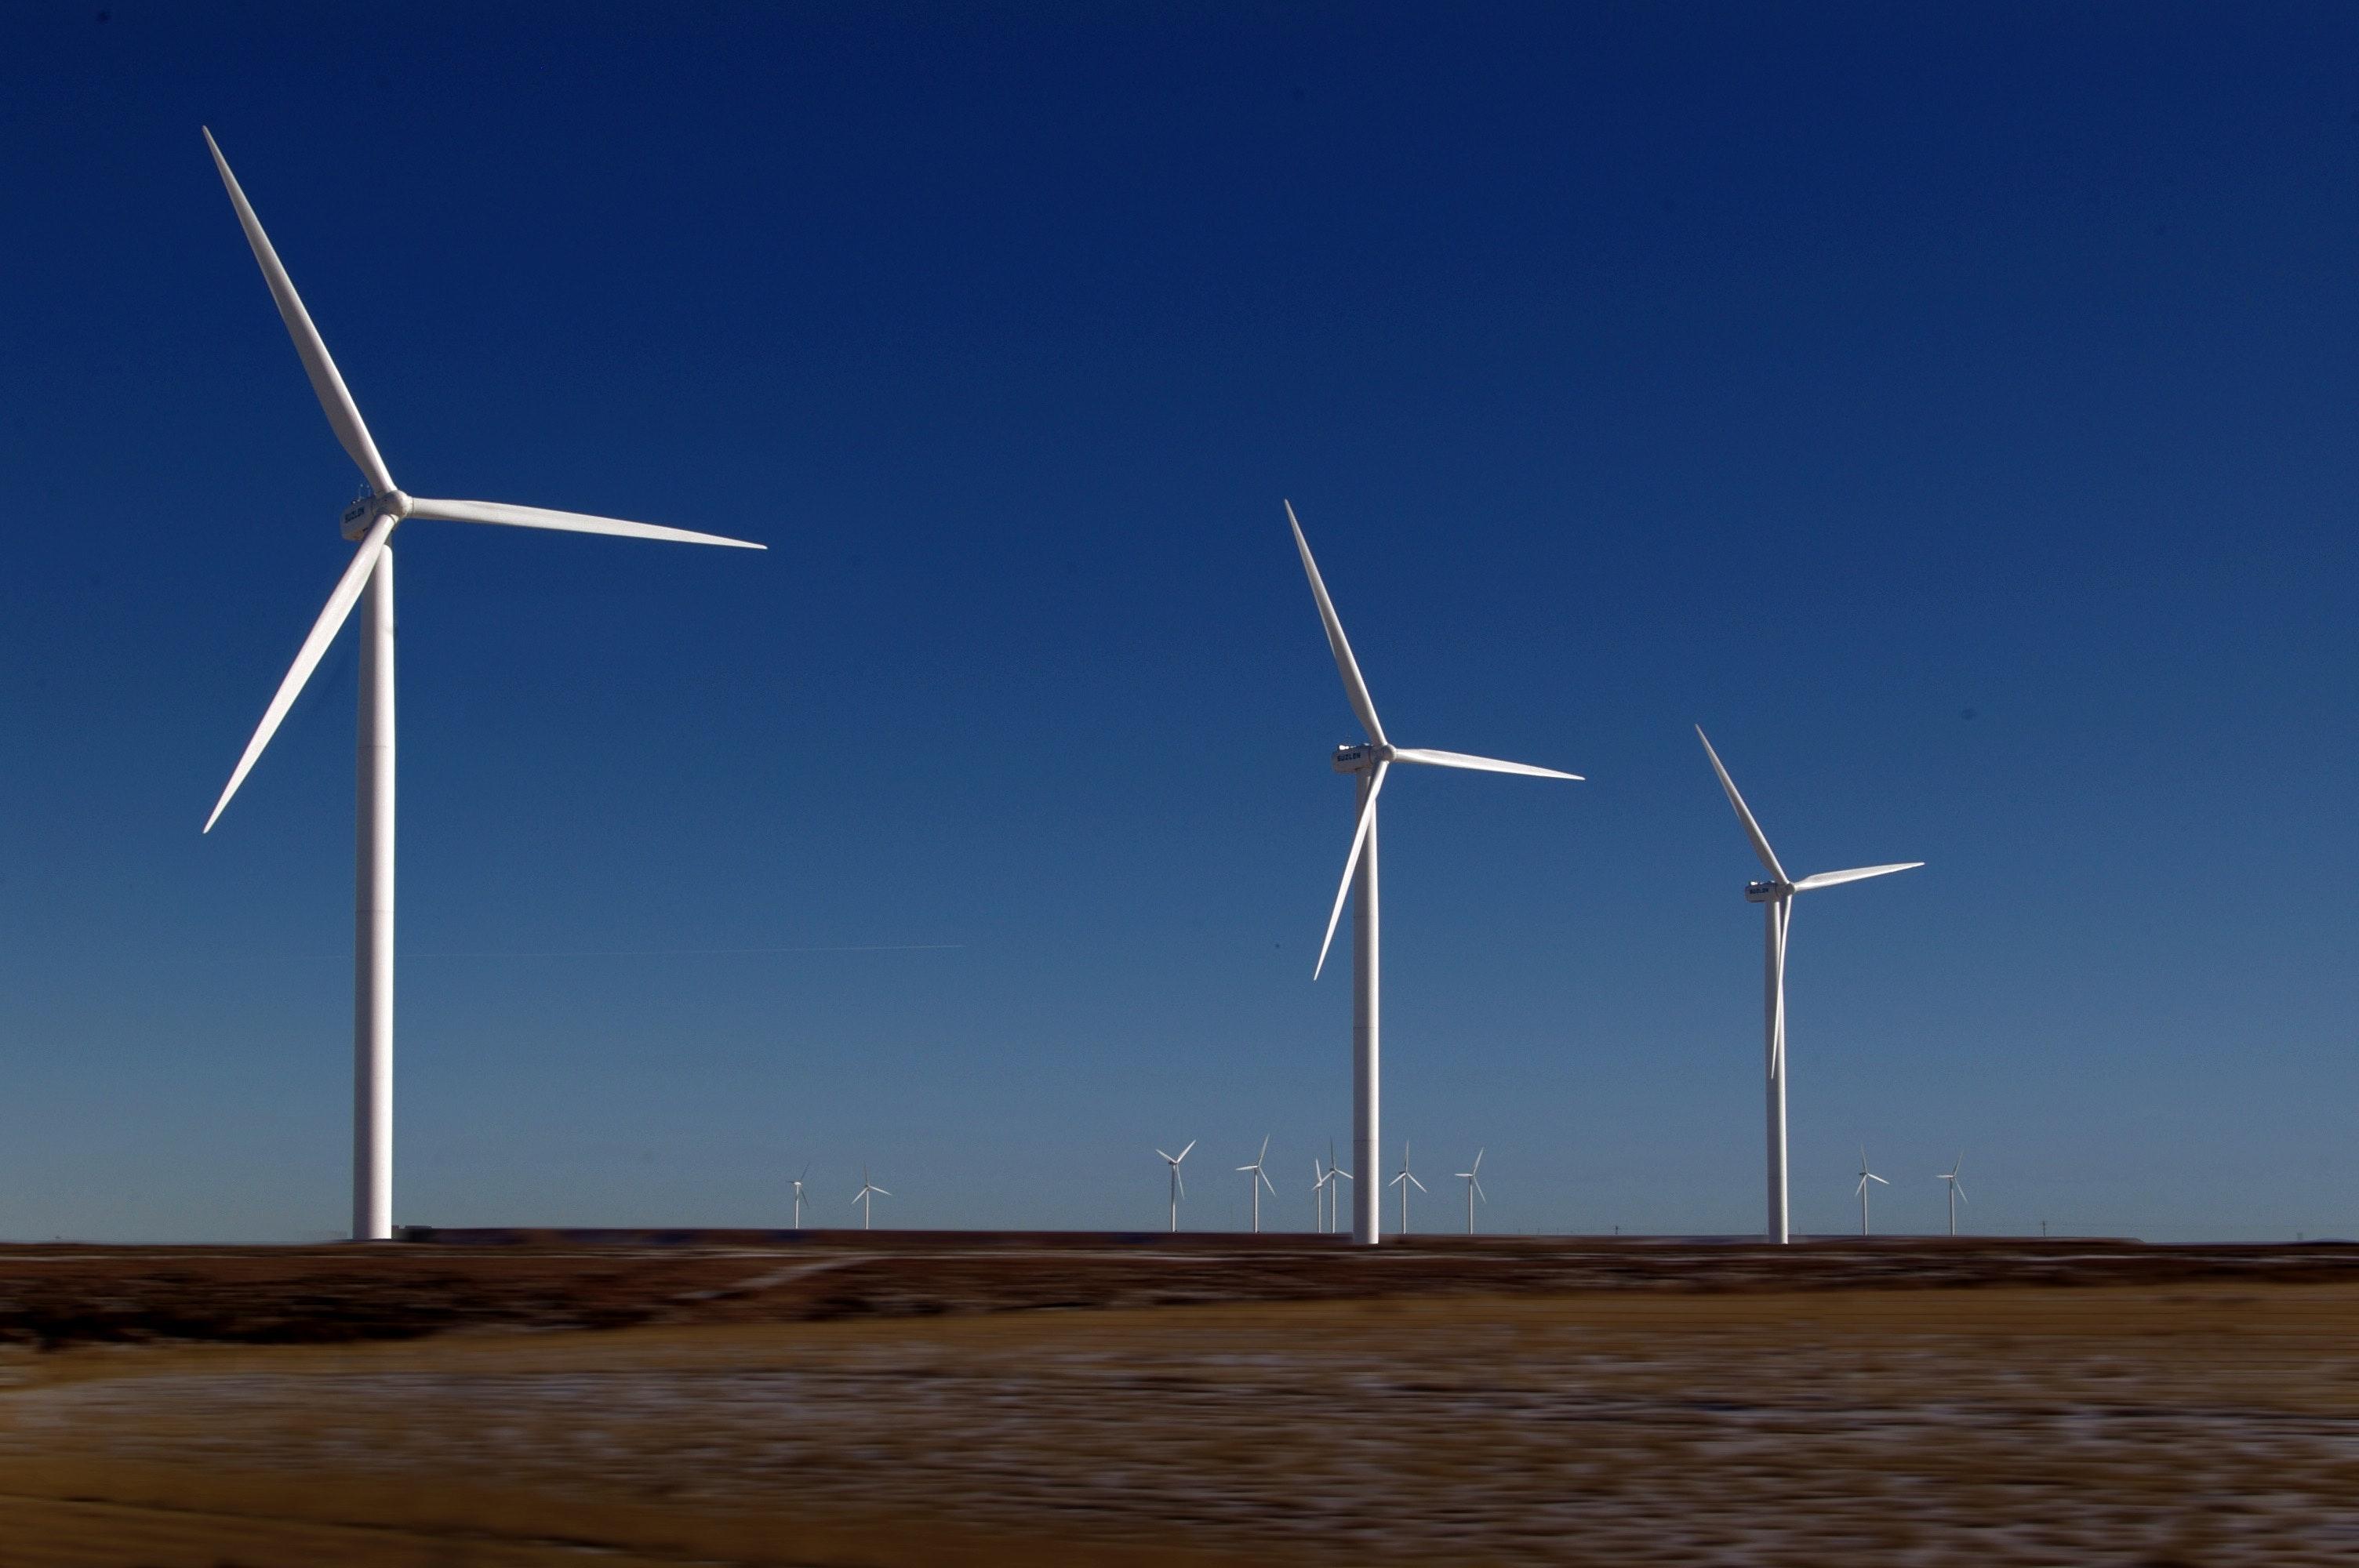 La inversión en energías verdes en México creció casi 9 veces en 2017